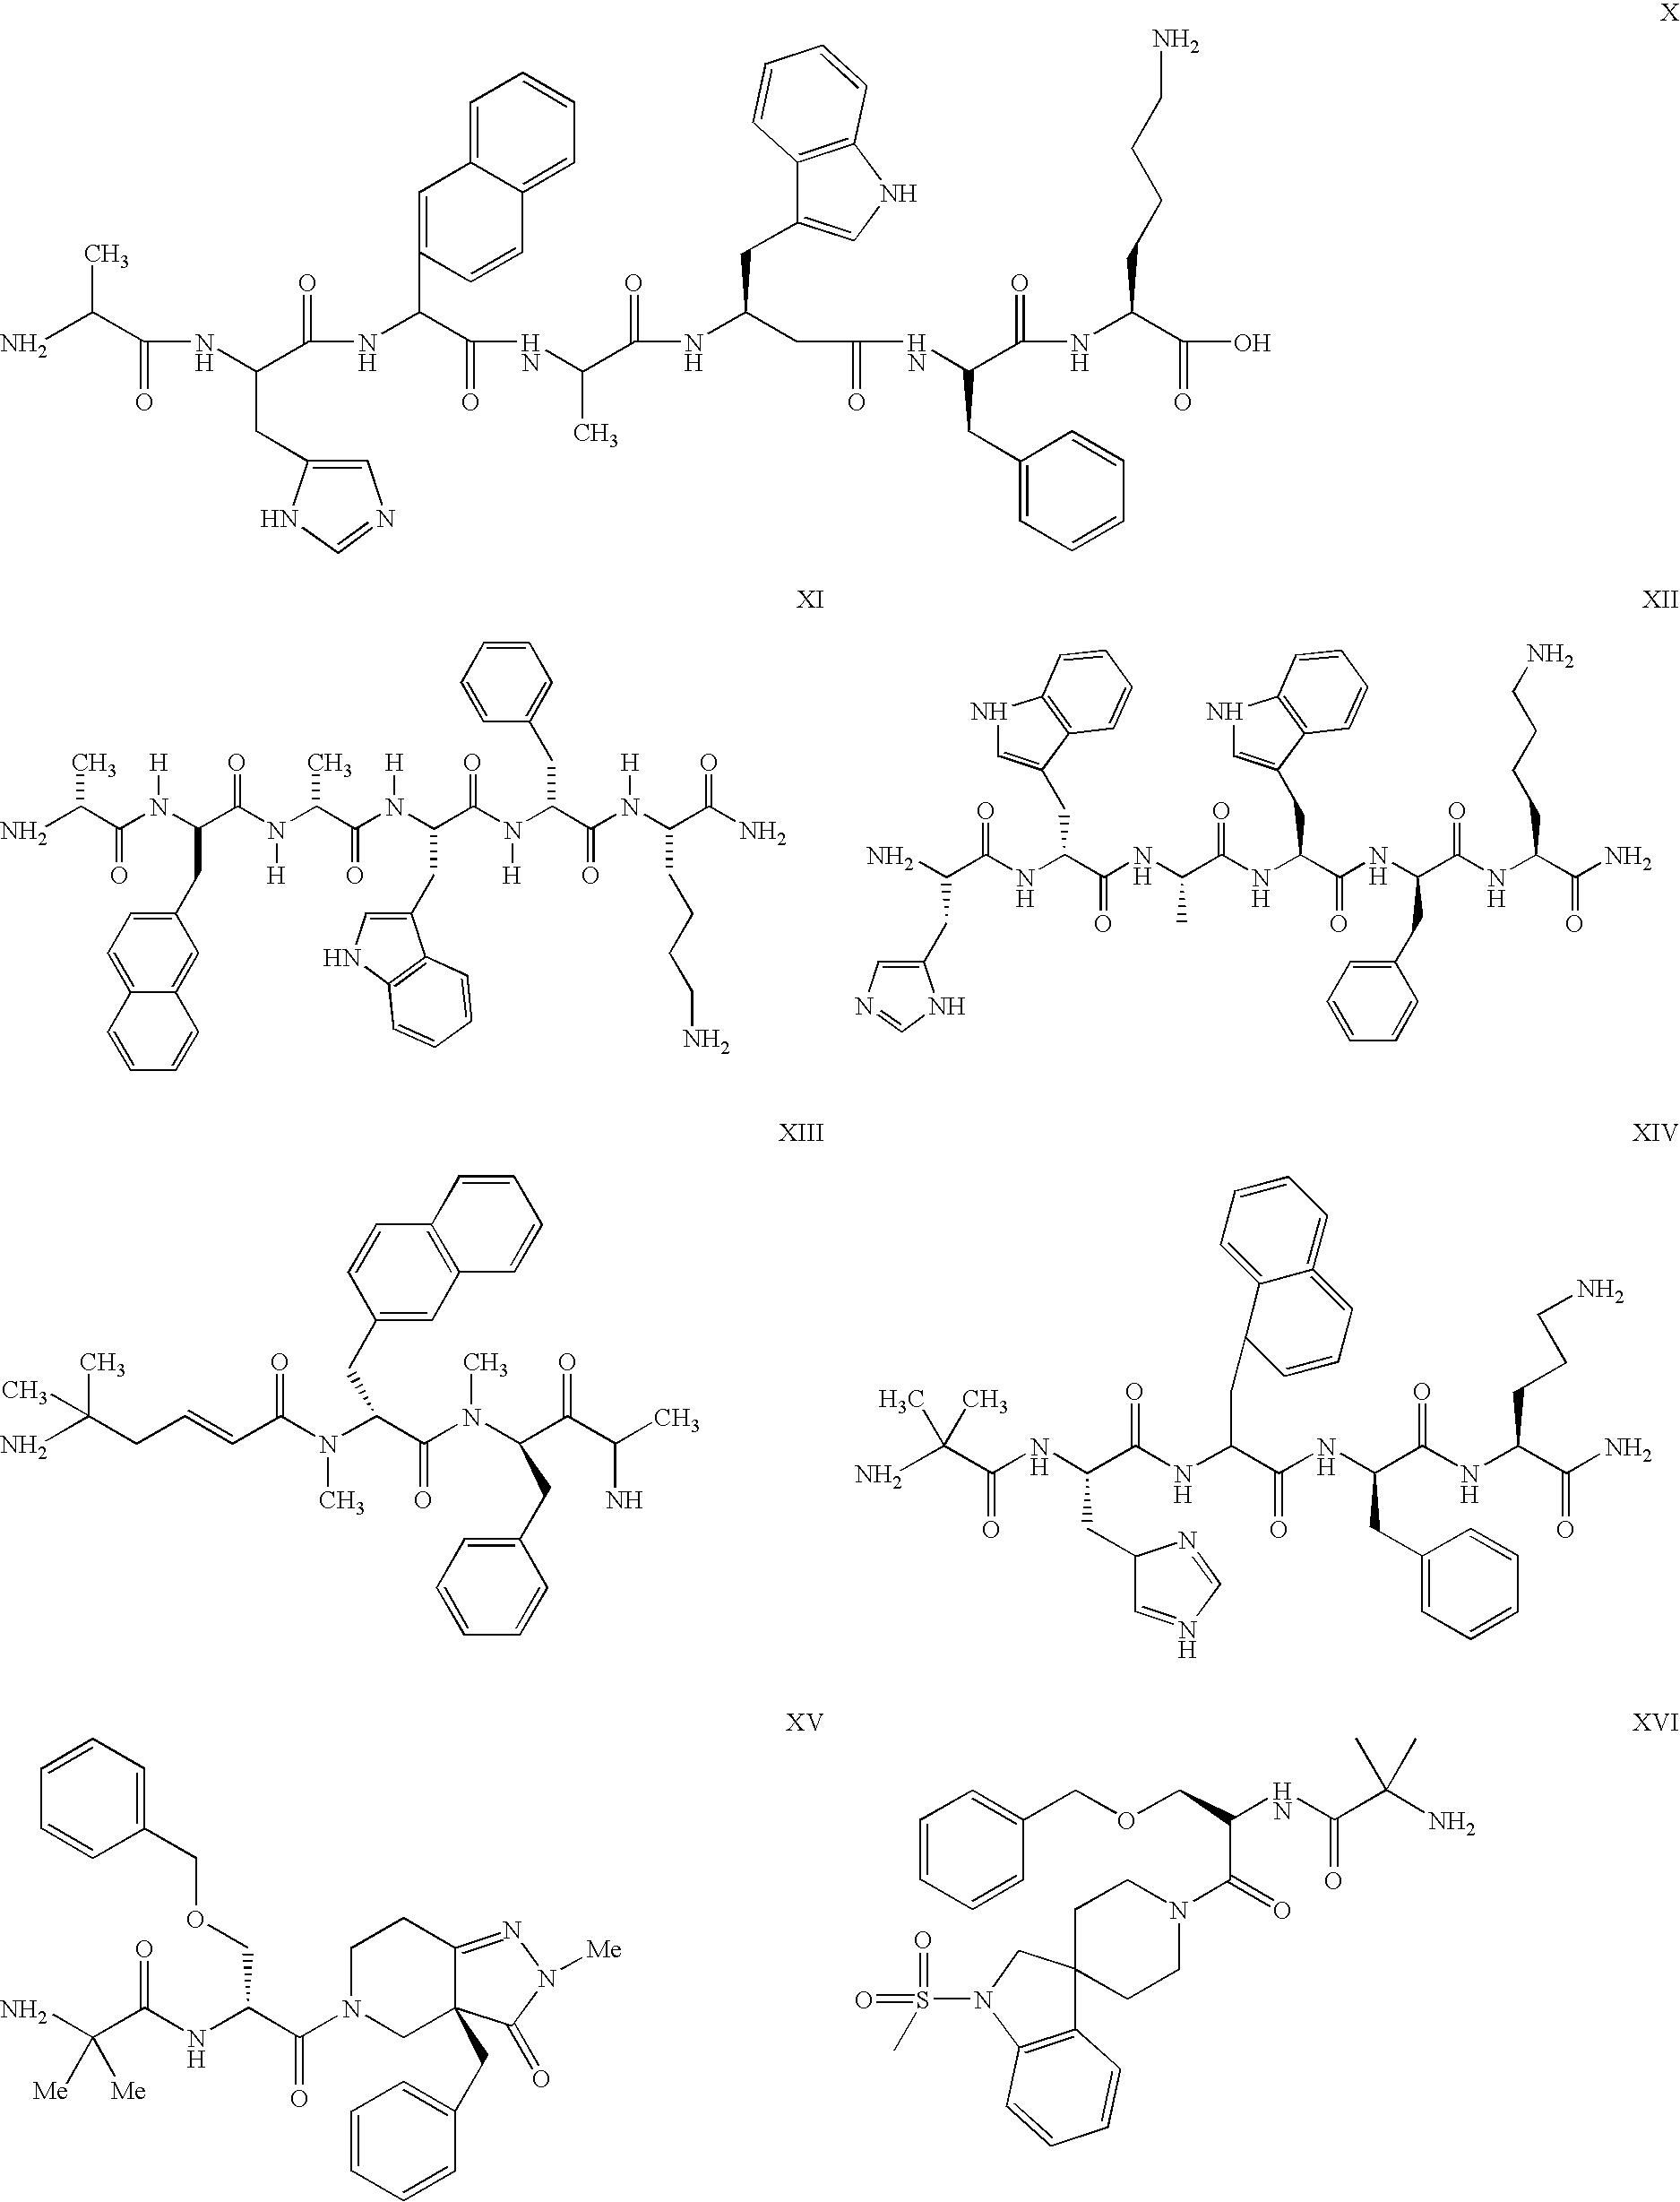 Figure US20100087381A1-20100408-C00096